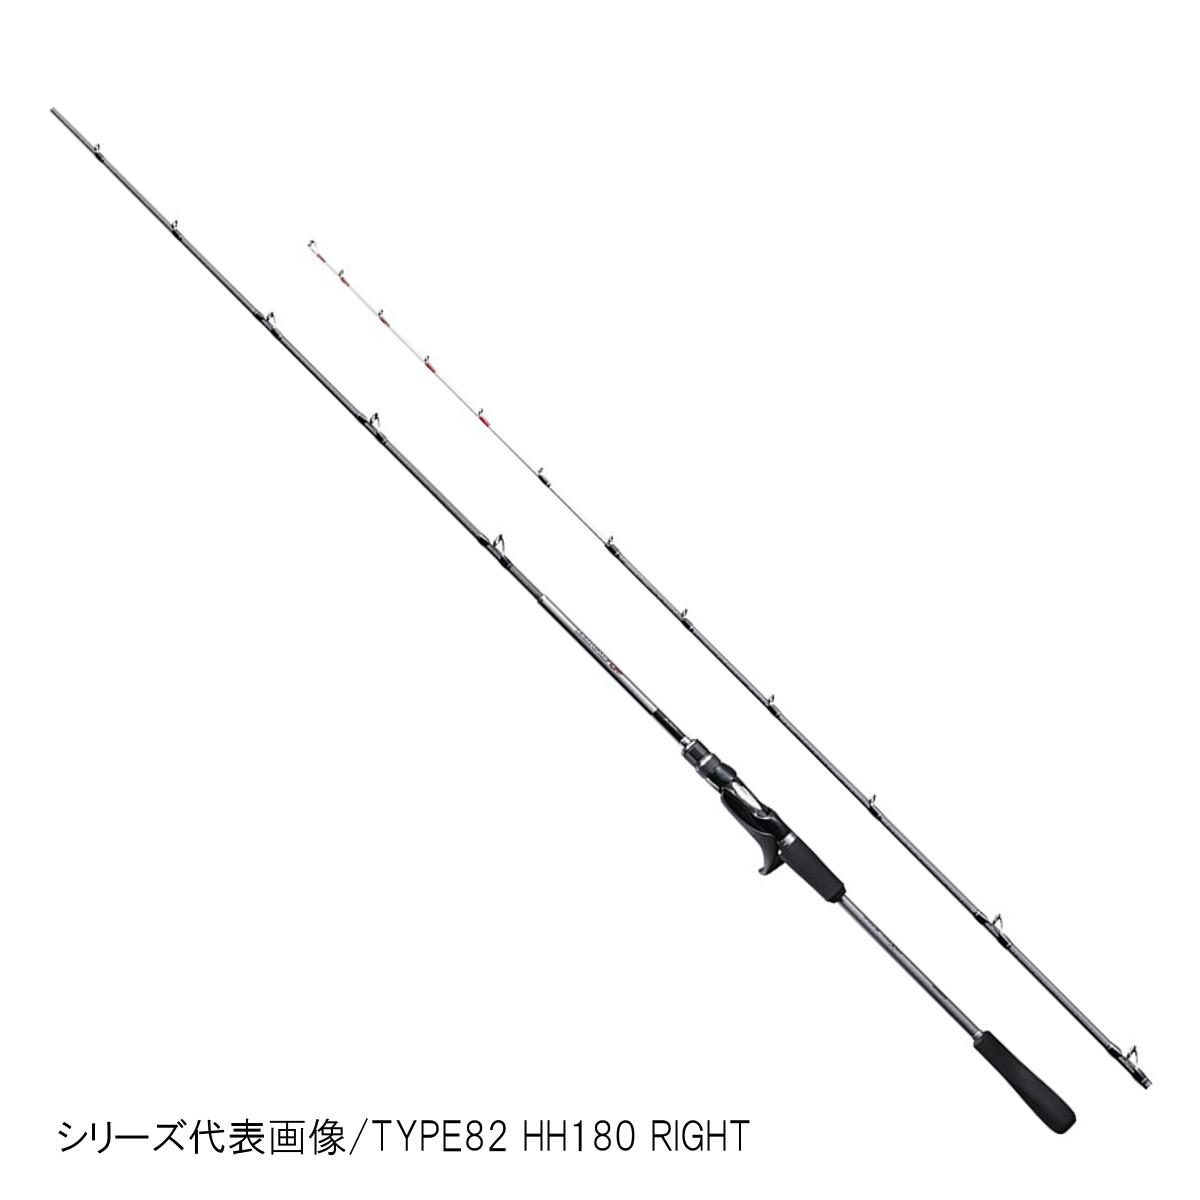 【10/18最大P40倍!】シマノ ライトゲーム CI4+ TYPE82 M195 LEFT